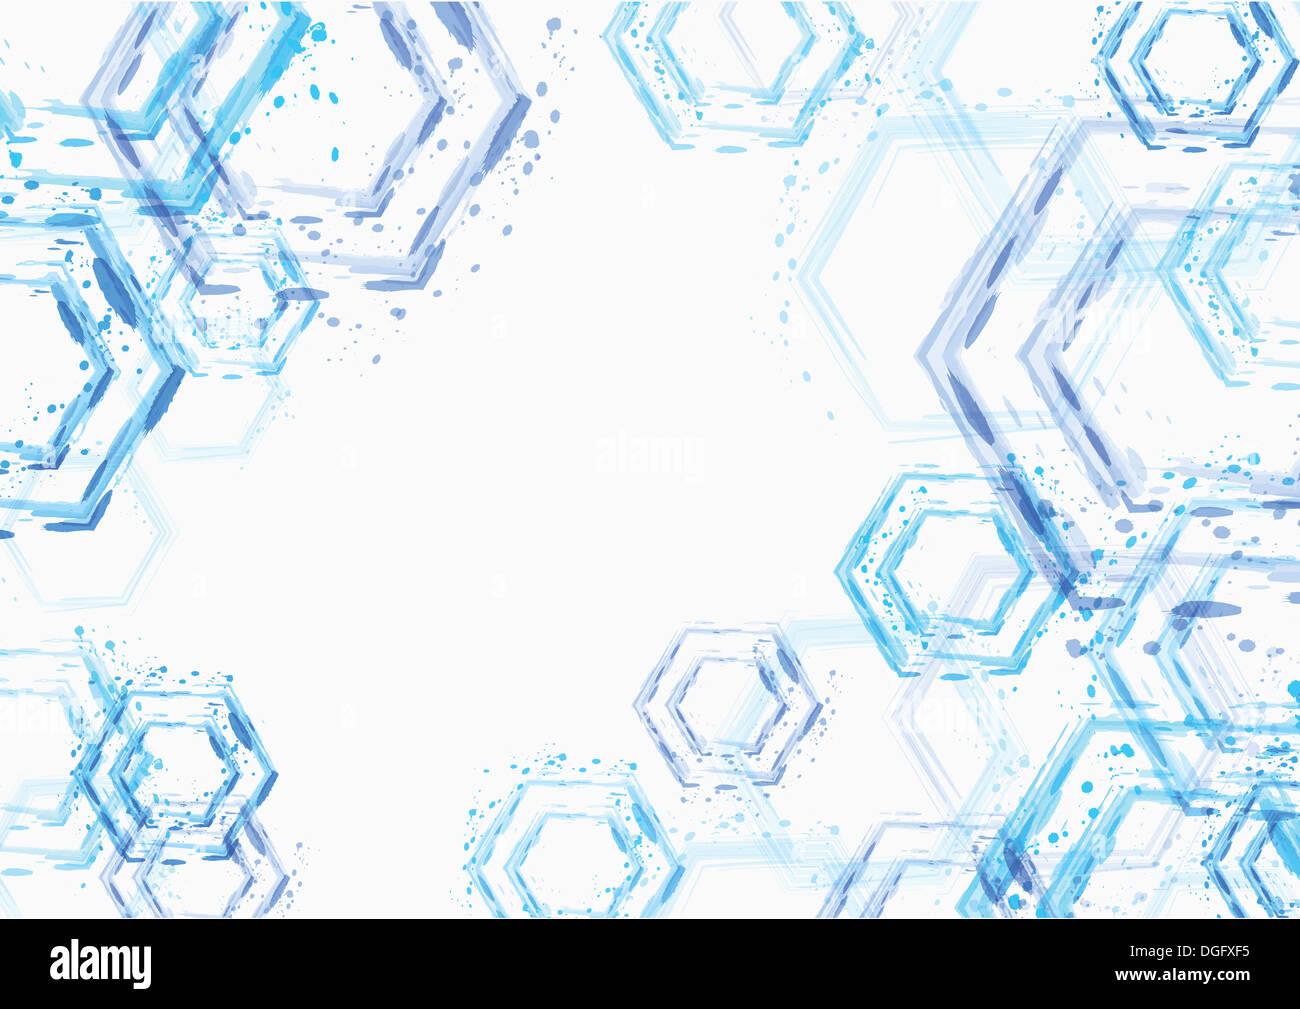 PPT-Hintergrund-Template-Design mit blauen Formen Stockfoto, Bild ...